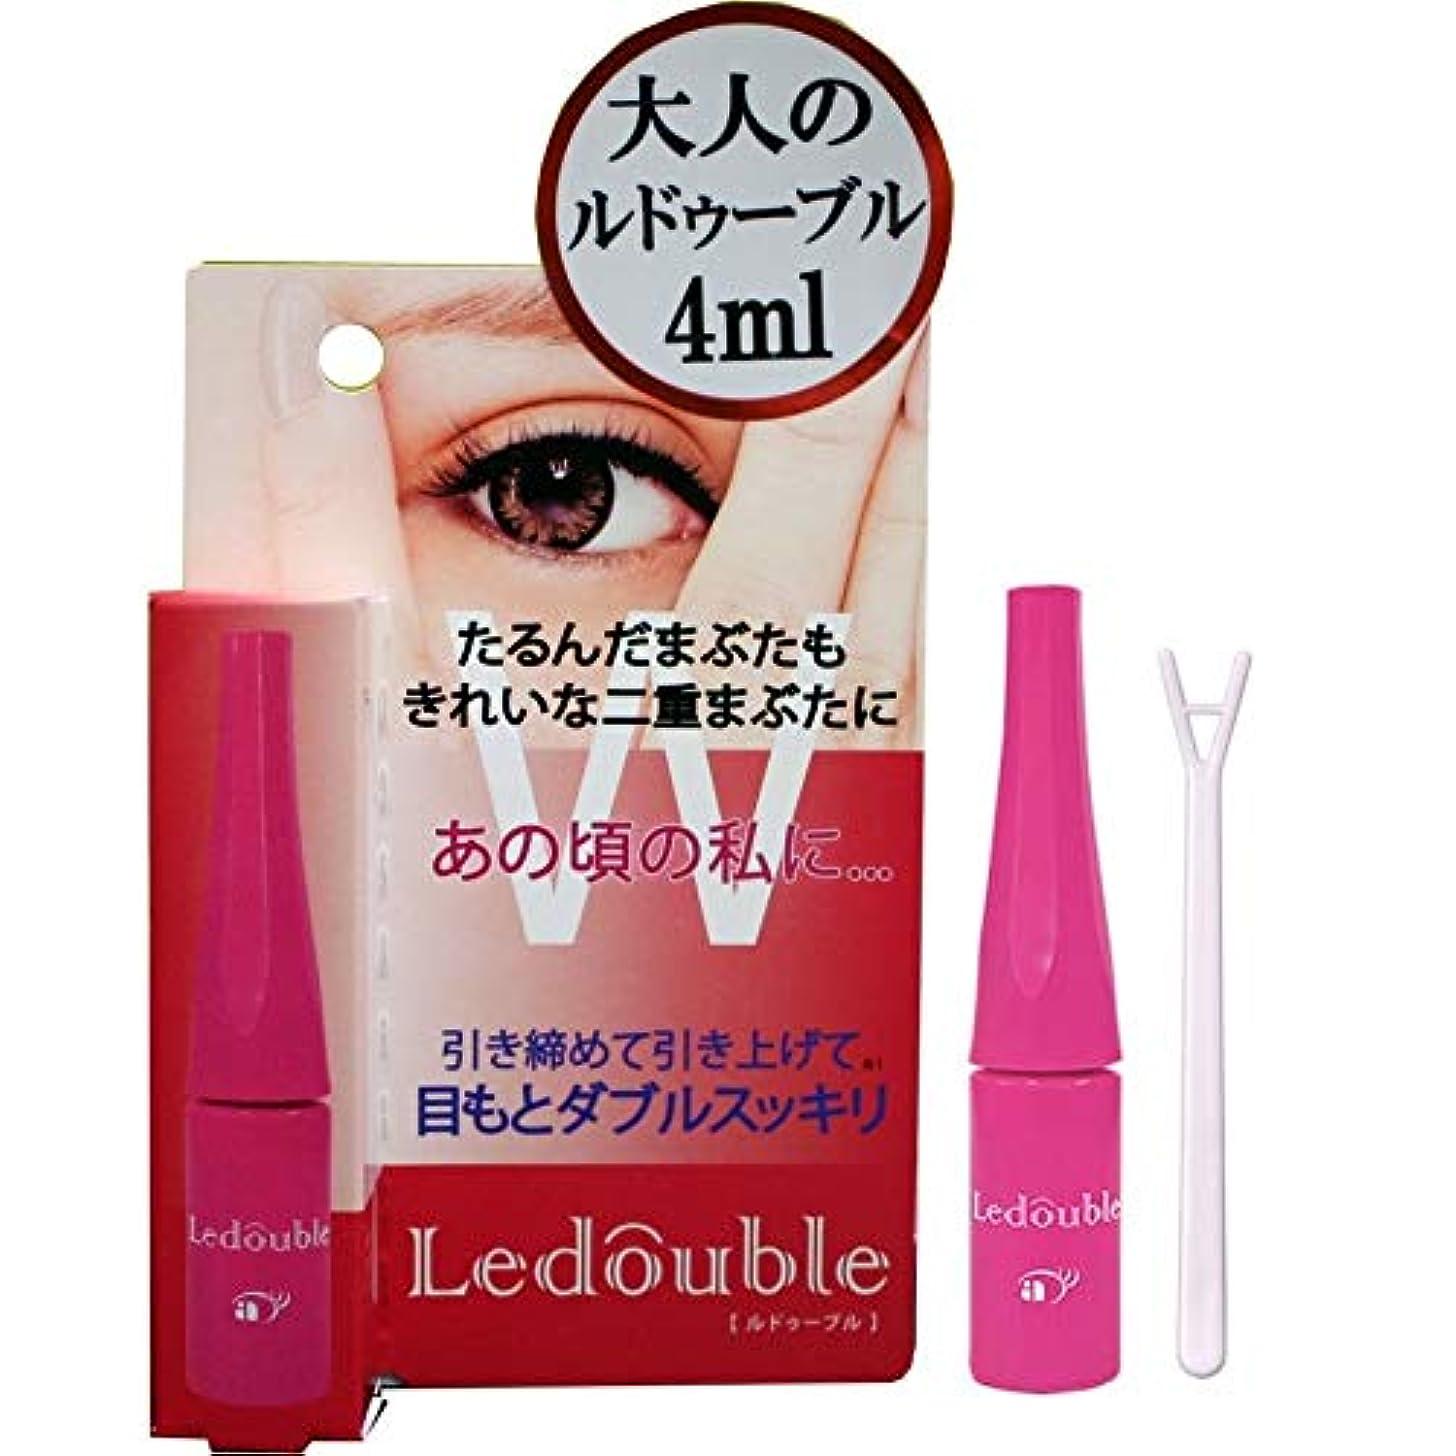 ダイエットオリエンタル洗剤大人のLedouble [大人のルドゥーブル] 二重まぶた化粧品 (4mL)